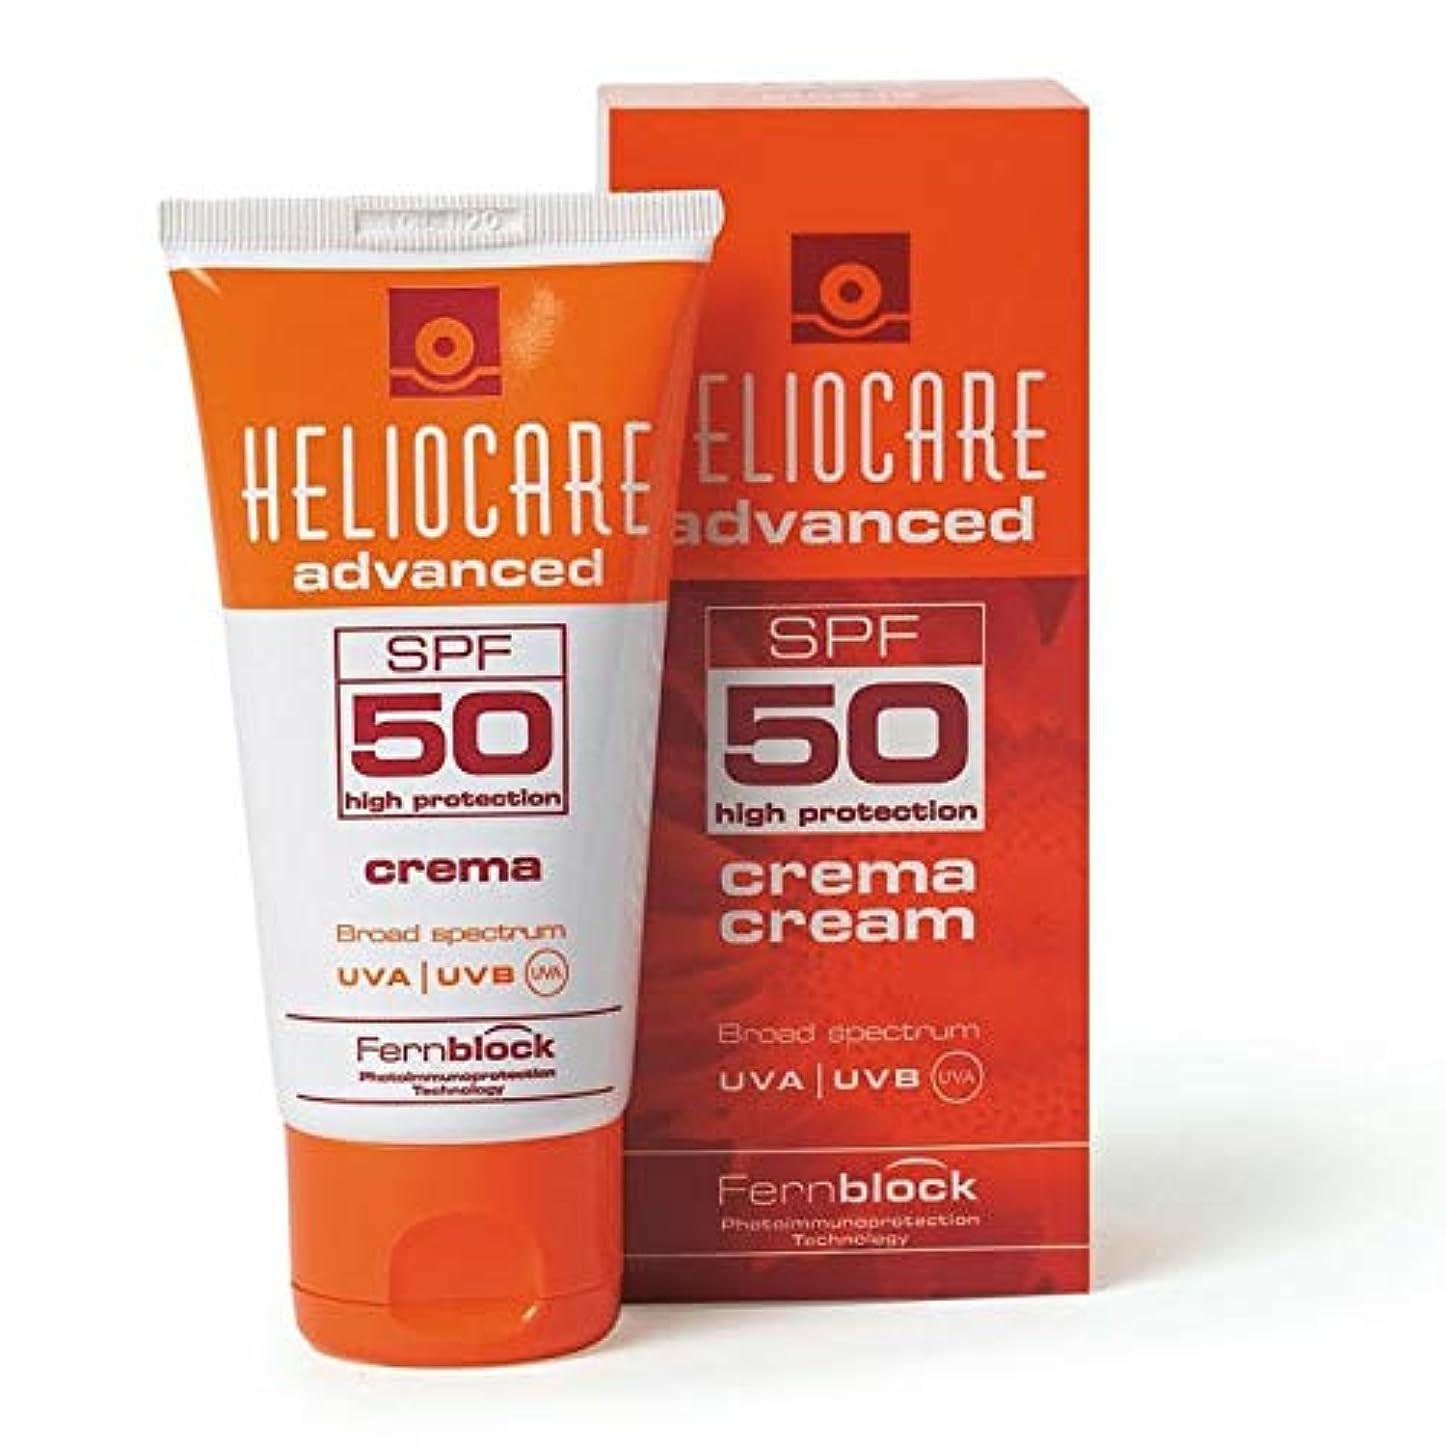 雇用者打ち上げる瀬戸際ヘリオケア日焼け止めクリームSPF50 HELIOCARE Advanced cream 50ml 国内正規品